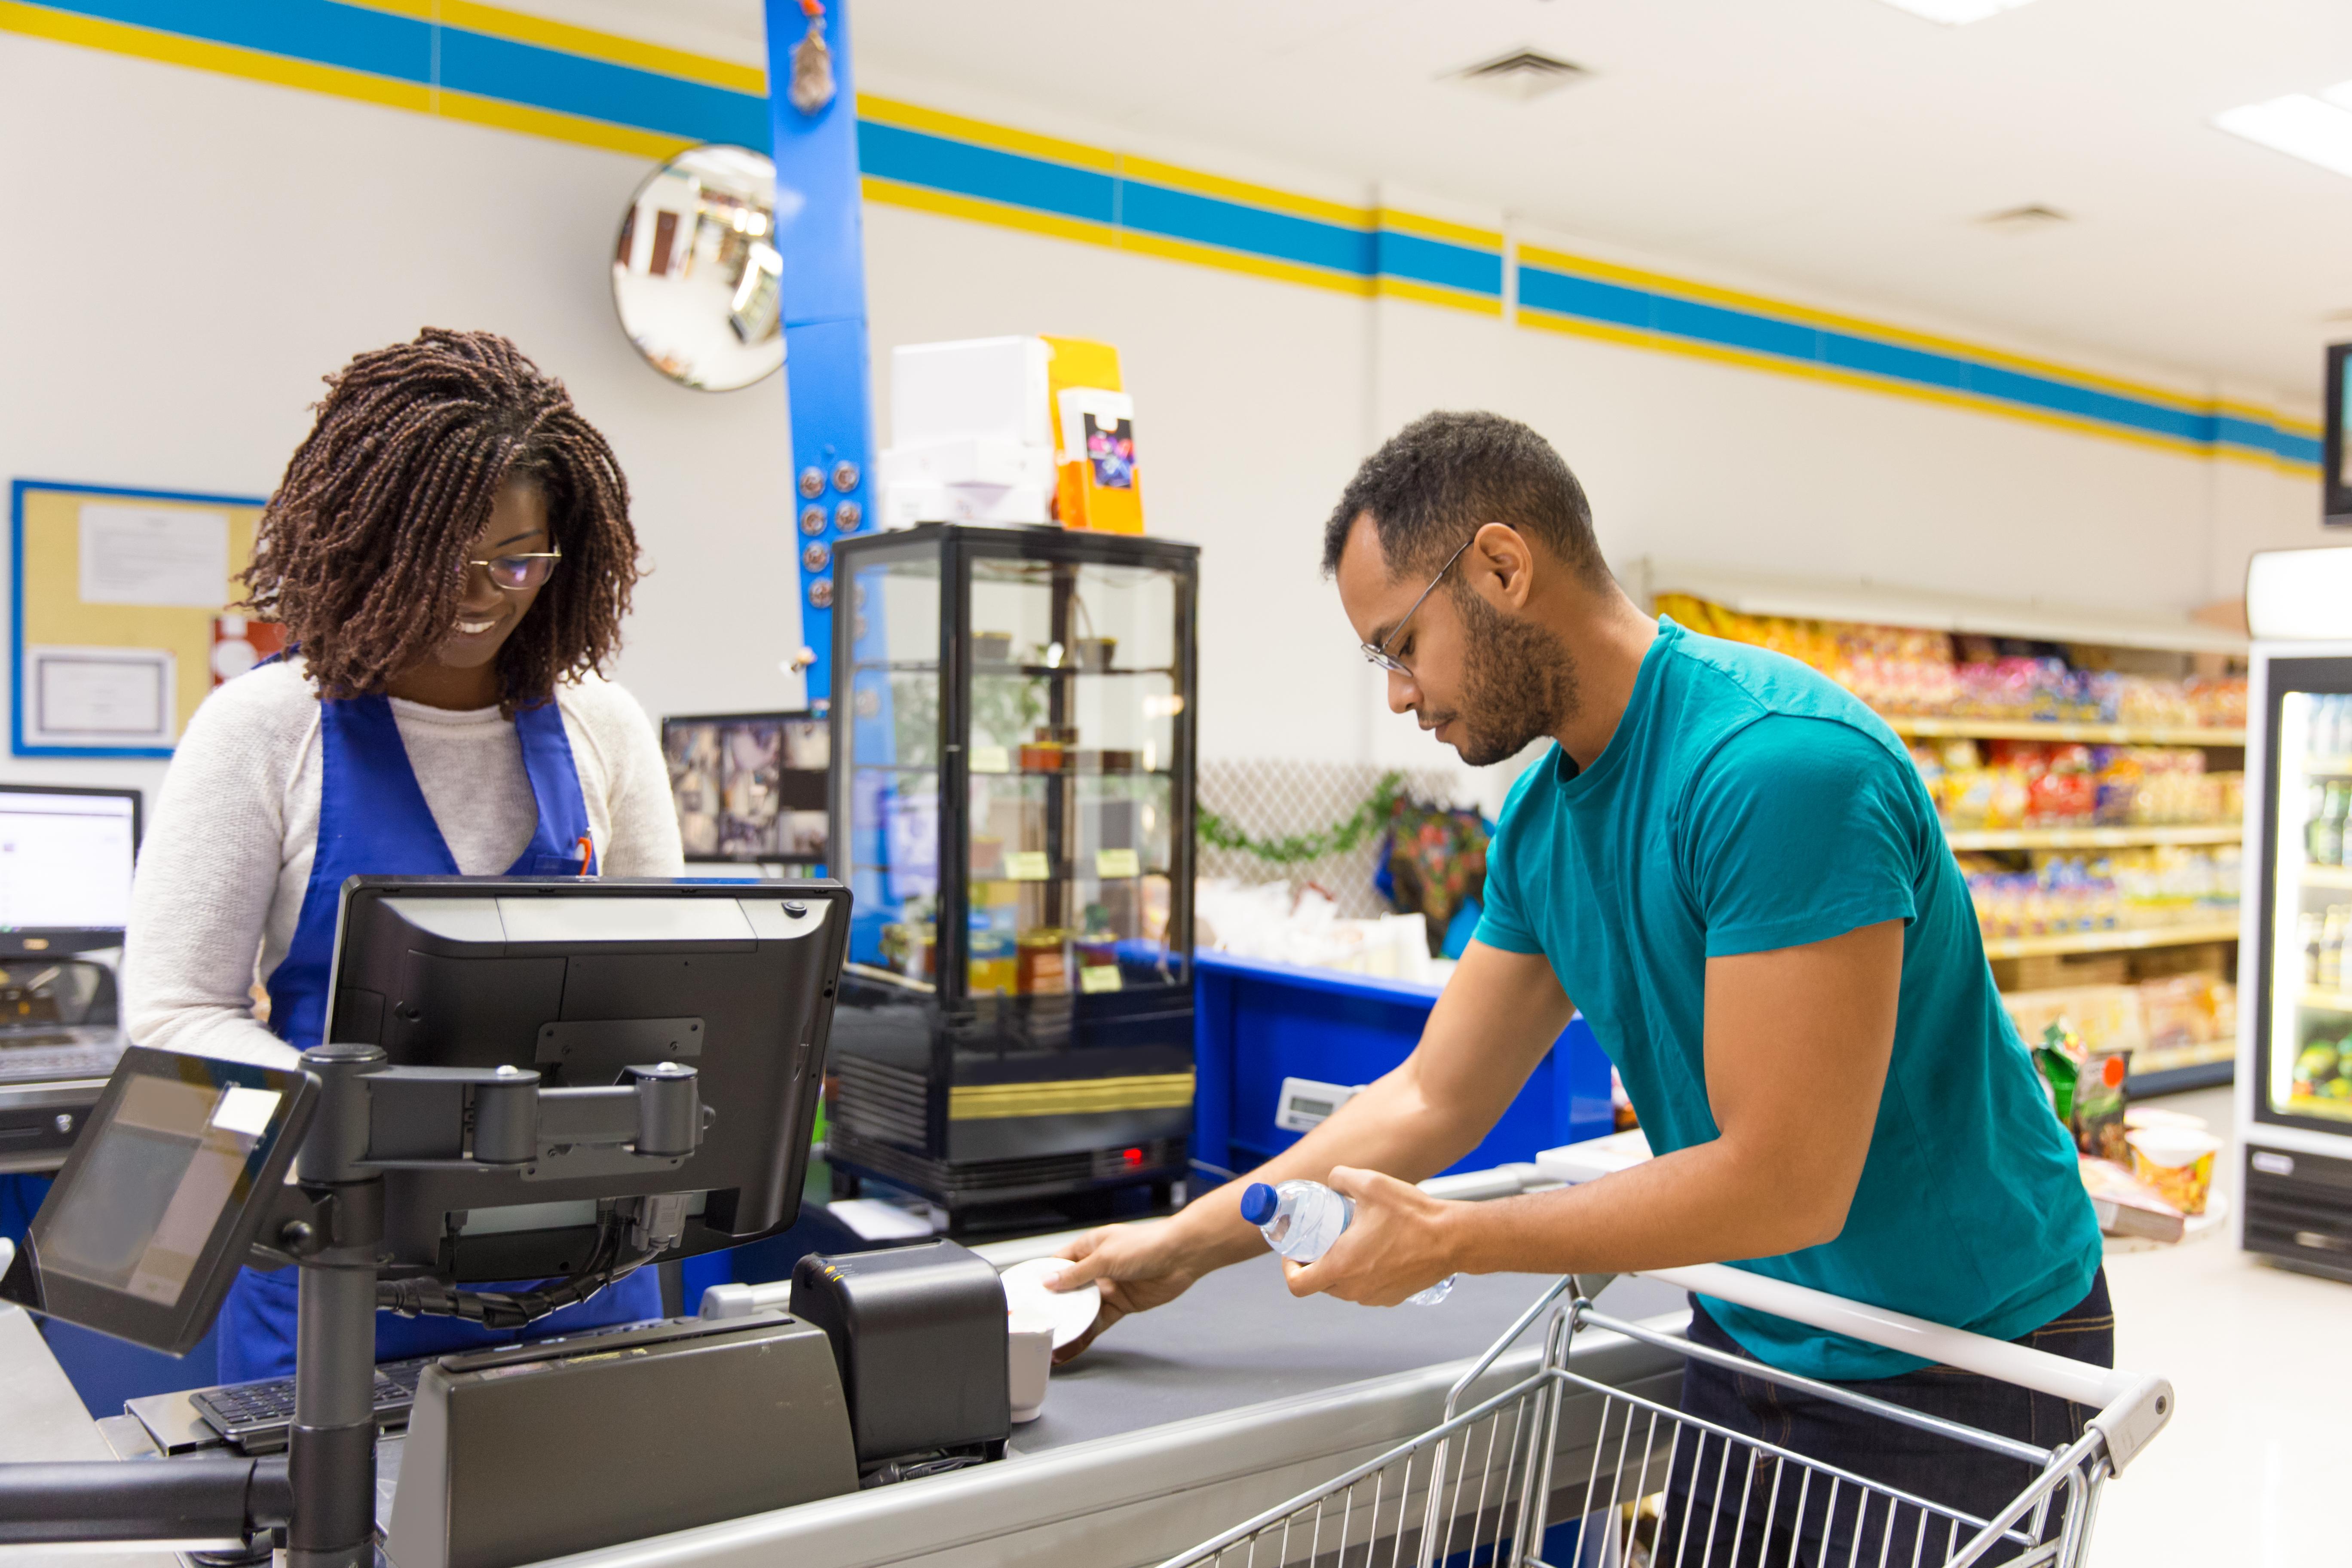 O que é automação comercial e por que ela é tão importante?